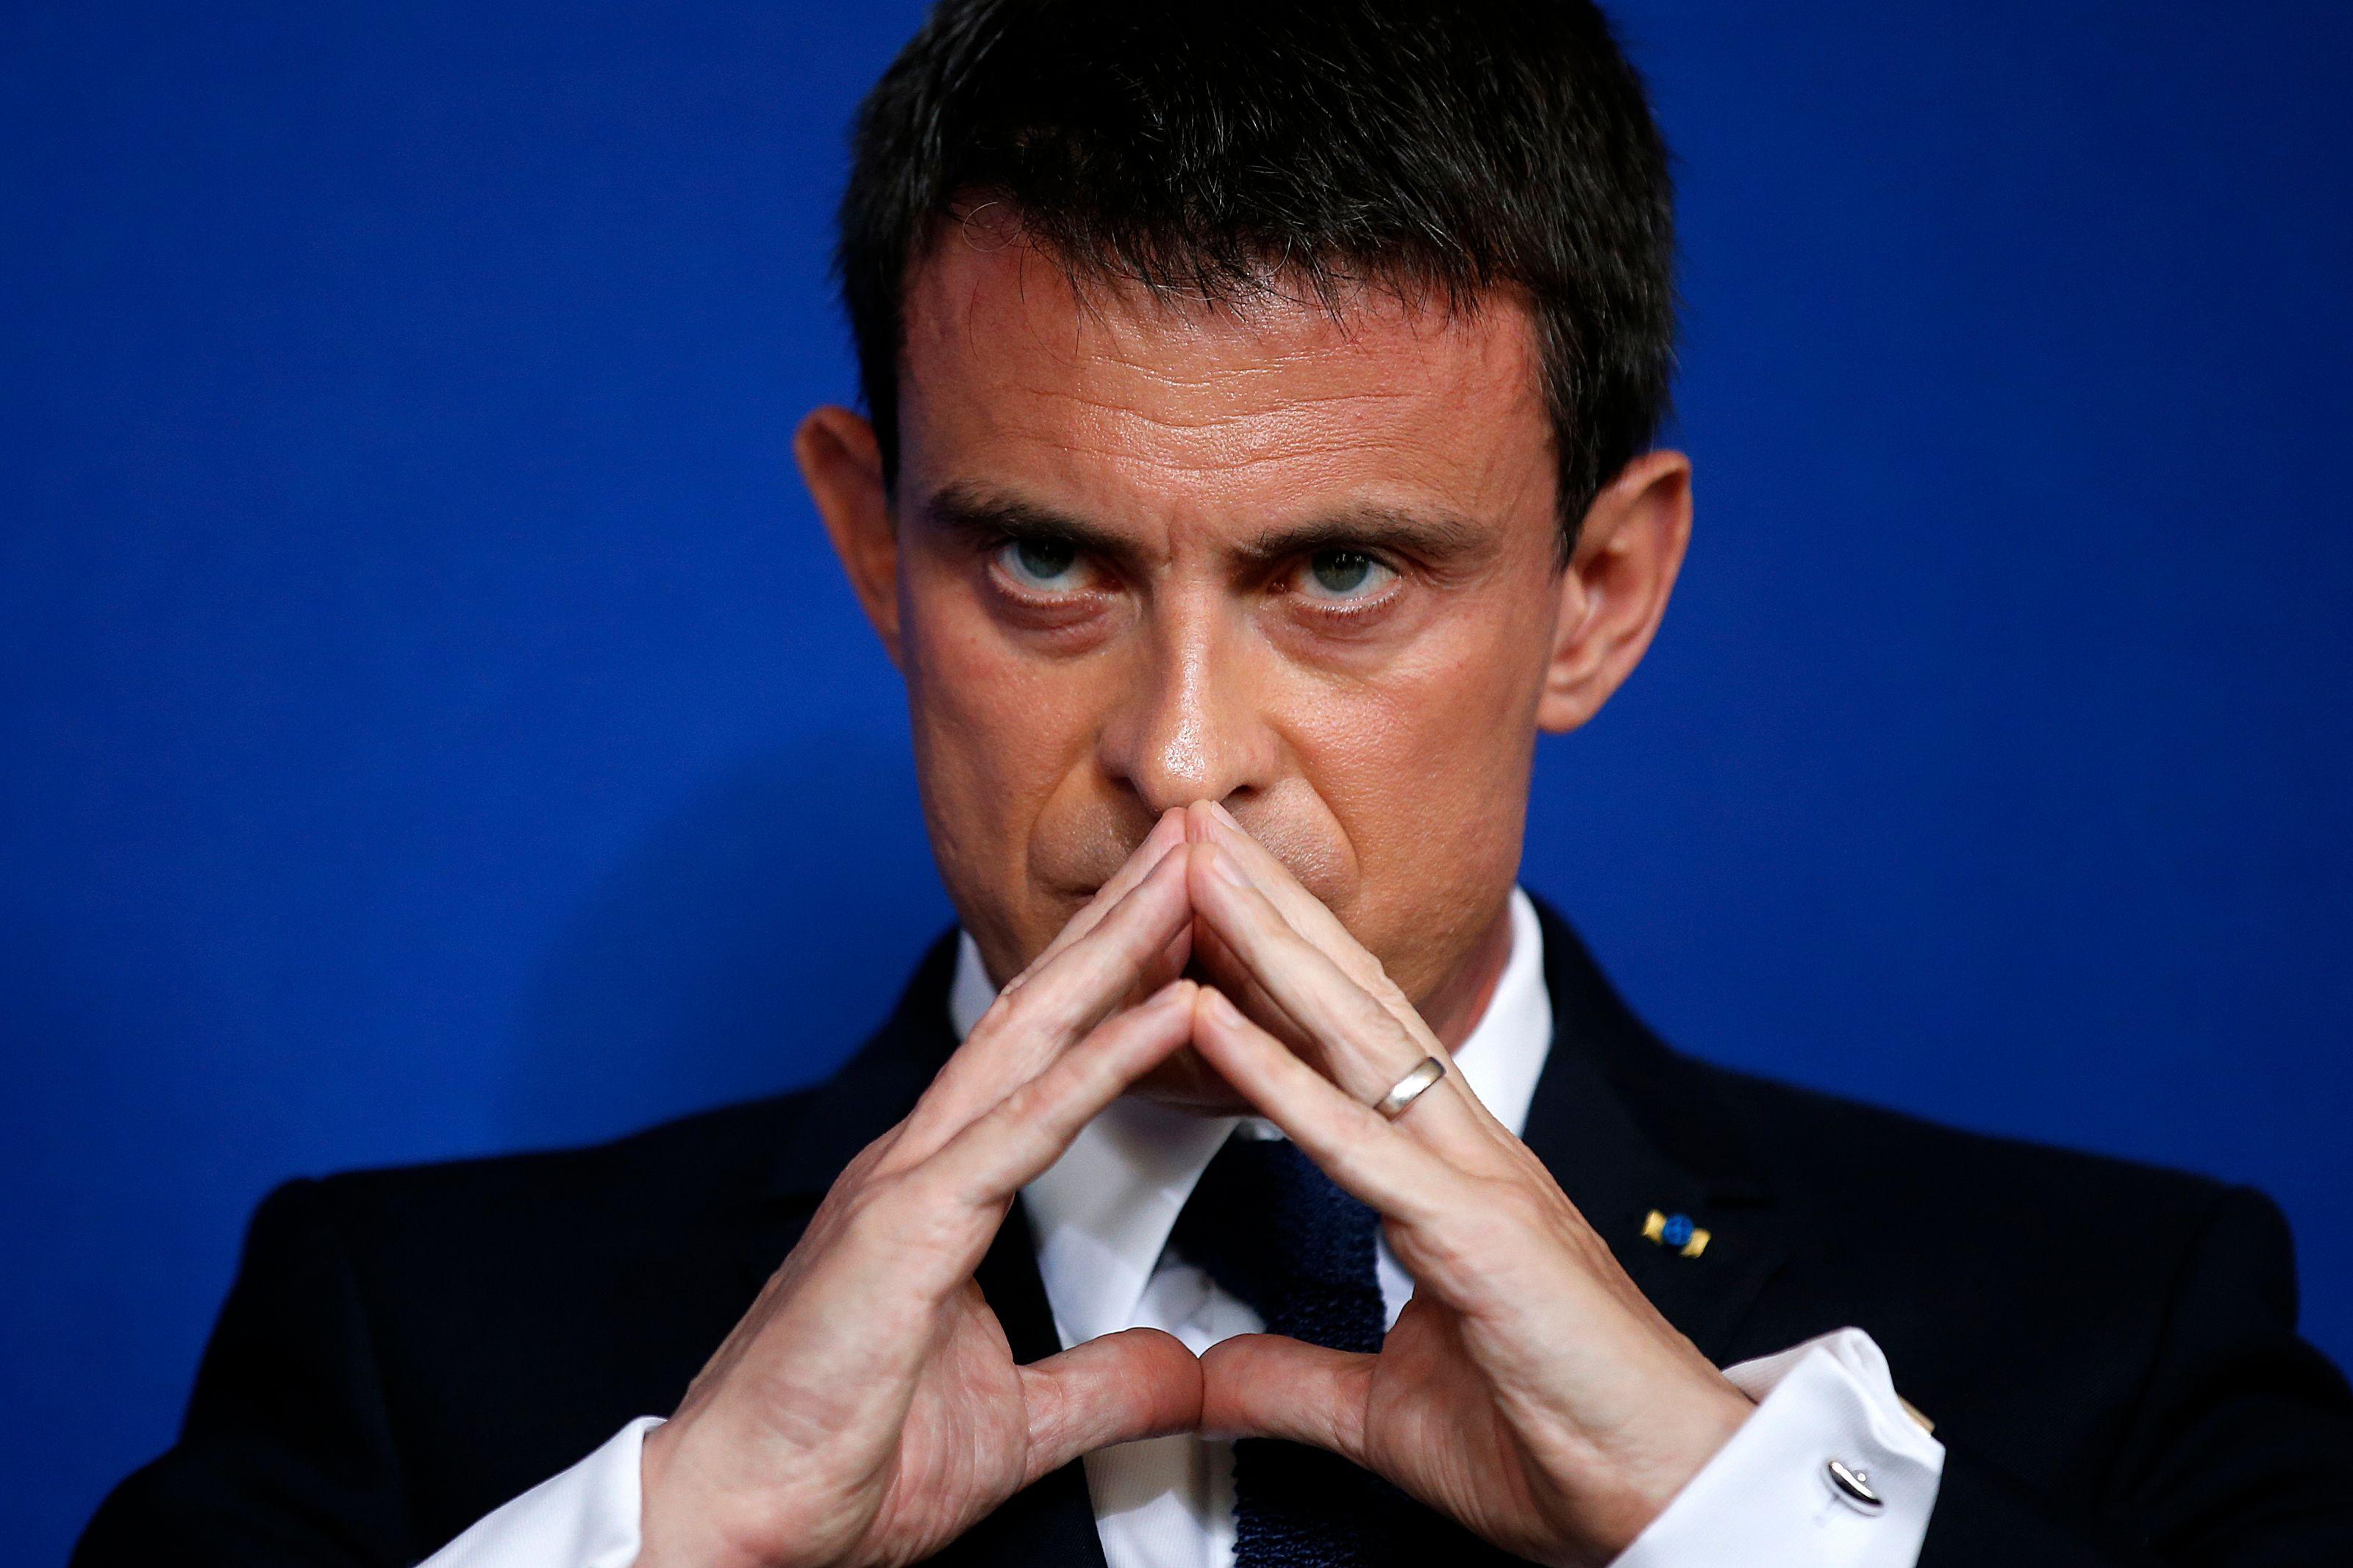 """Migrants, chômage, économie : les principales déclarations de Manuel Valls dans """"Des paroles et des actes"""""""